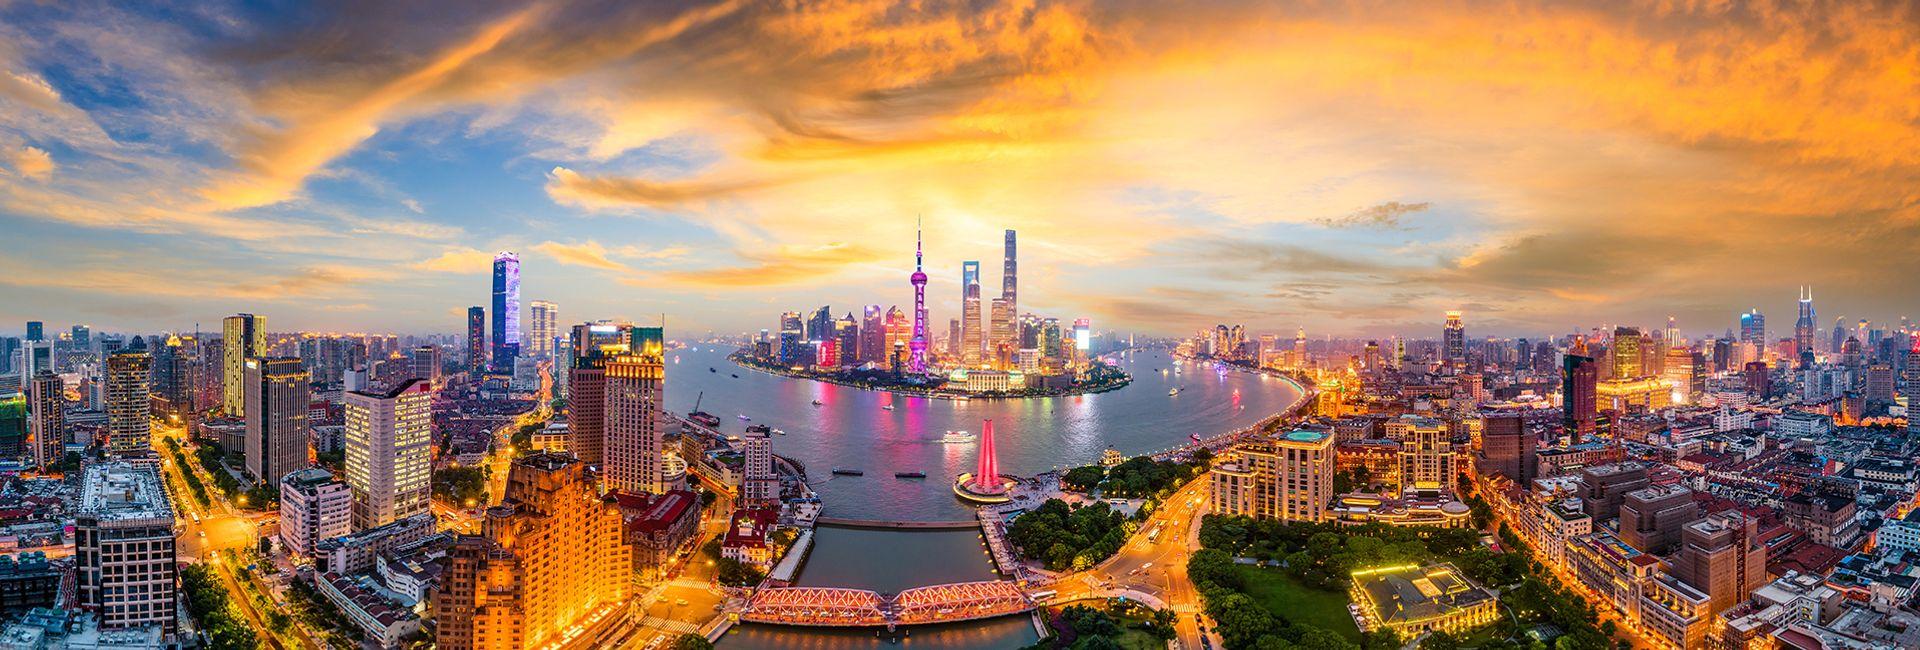 Nên đi du lịch Thượng Hải vào thời điểm nào trong năm?